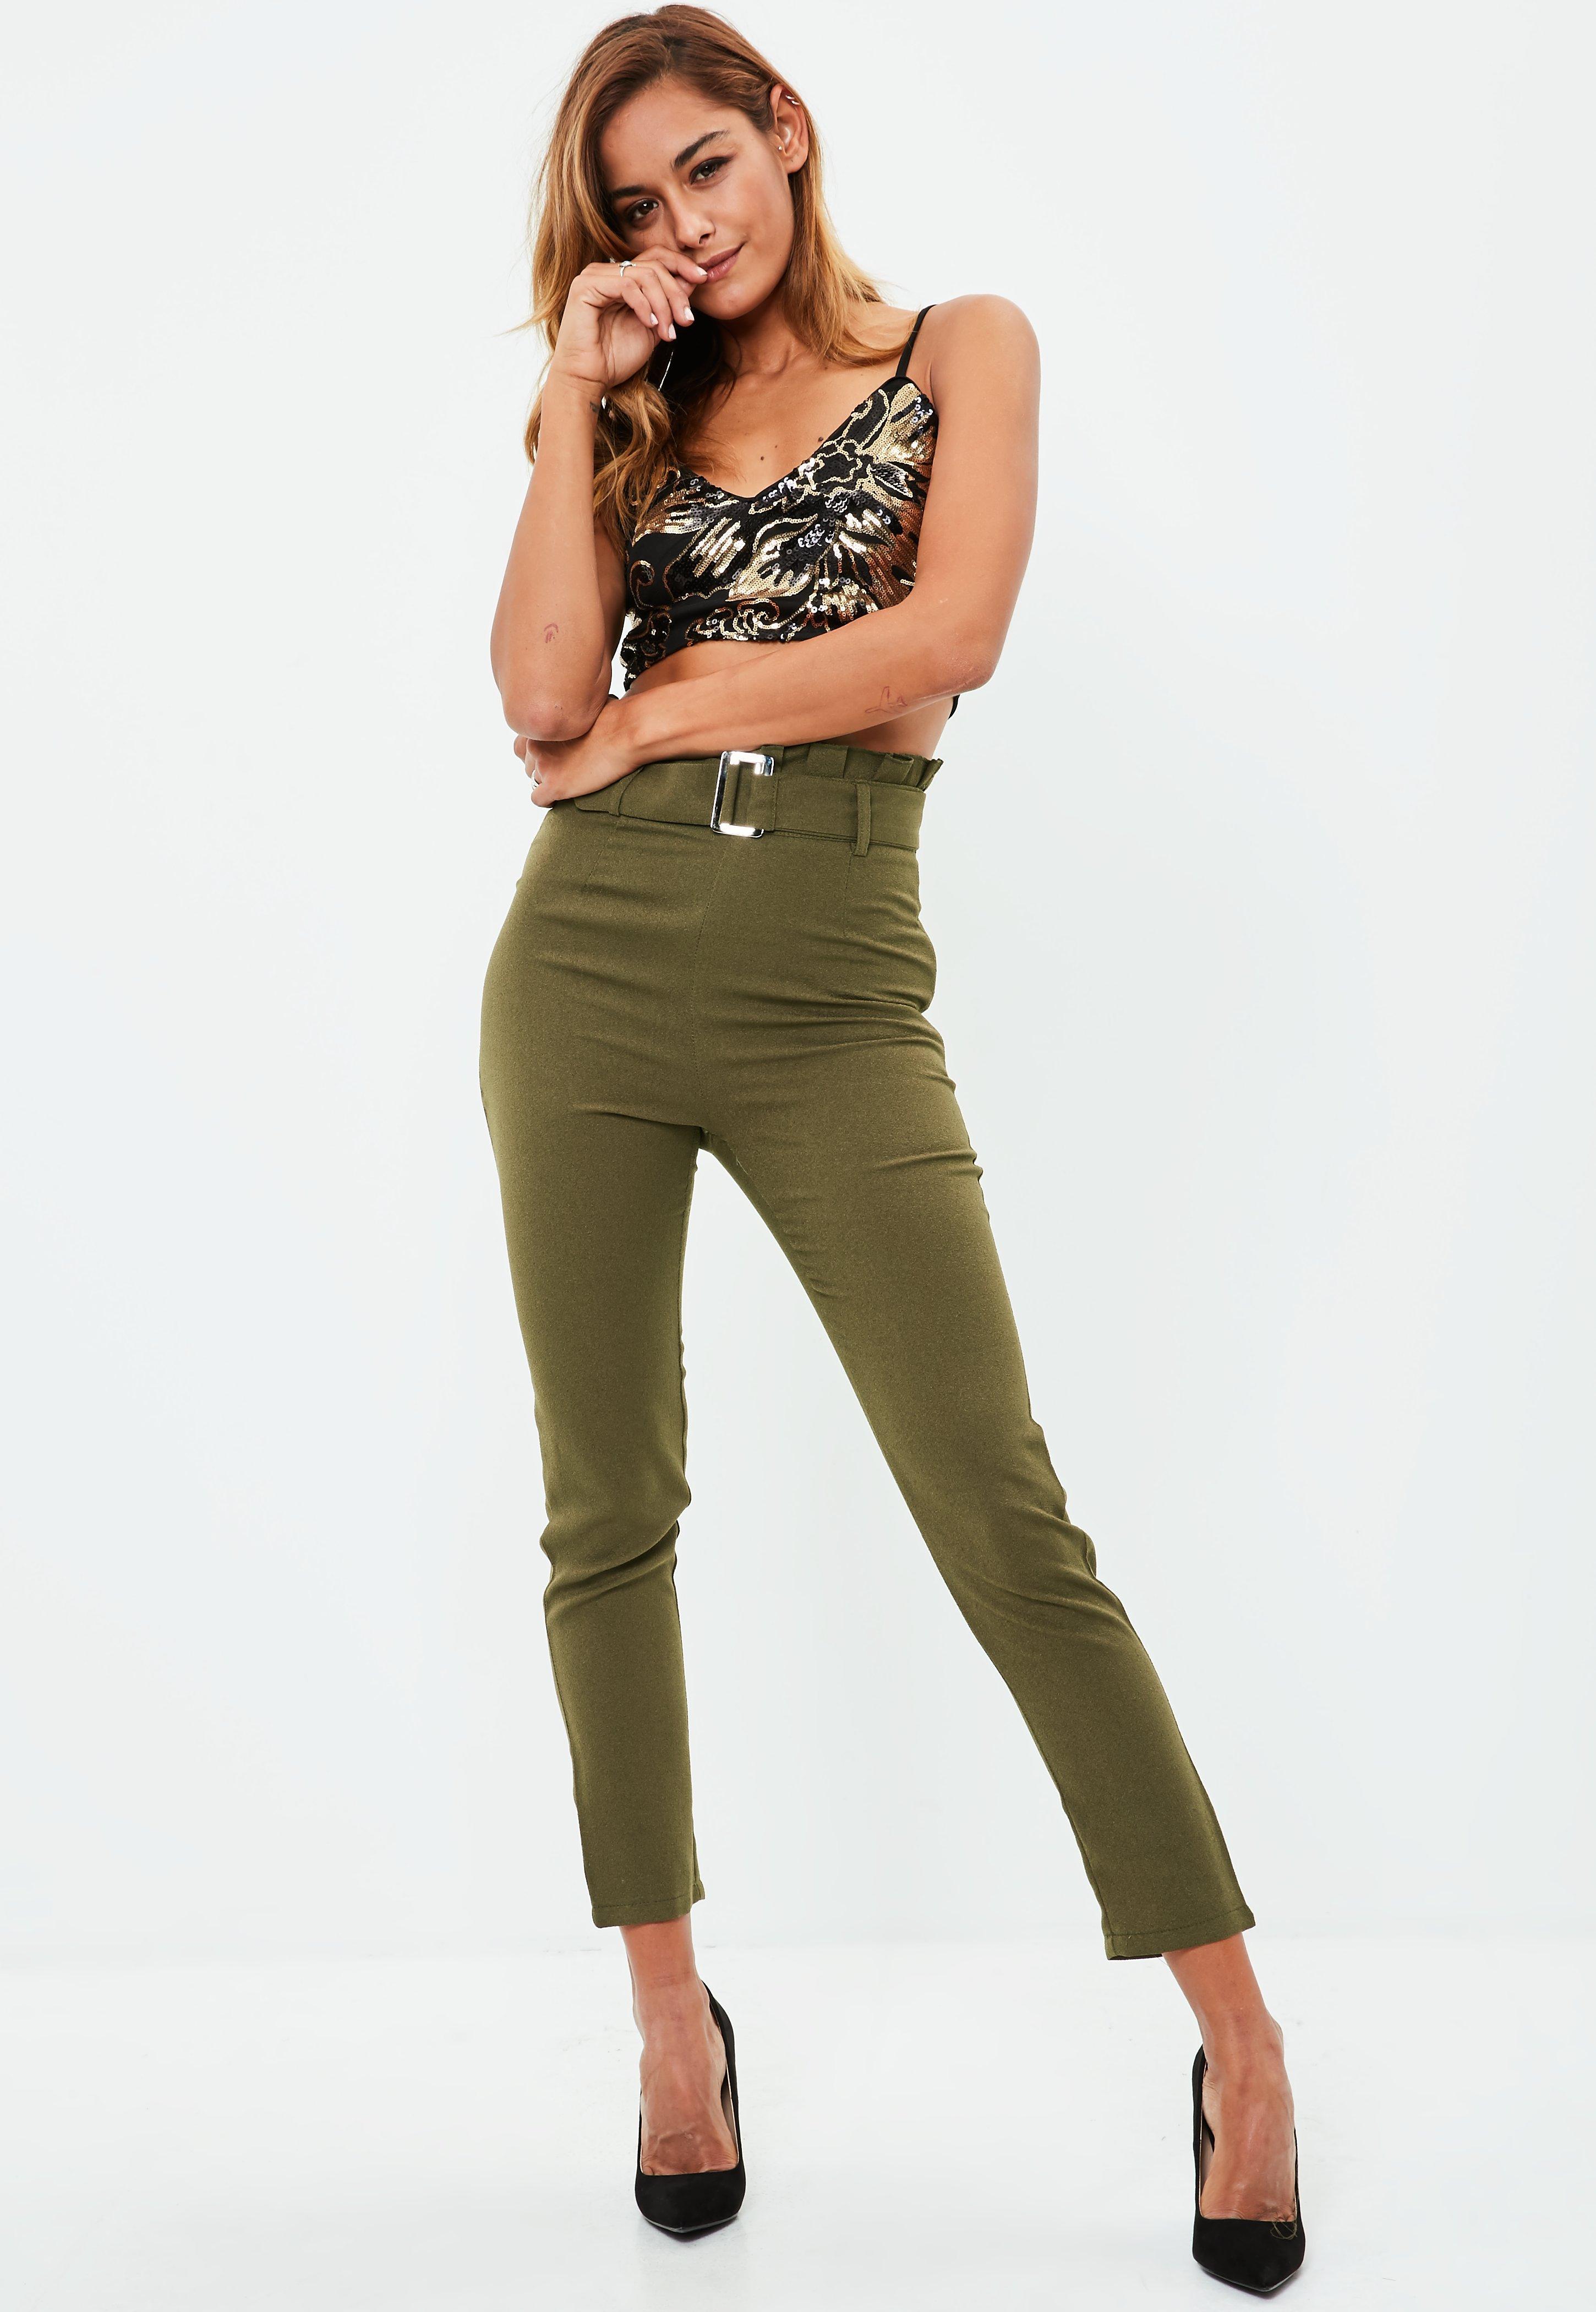 pantalon kaki femme avec quoi 1001 id es pour quoi mettre avec un pantalon kaki. Black Bedroom Furniture Sets. Home Design Ideas